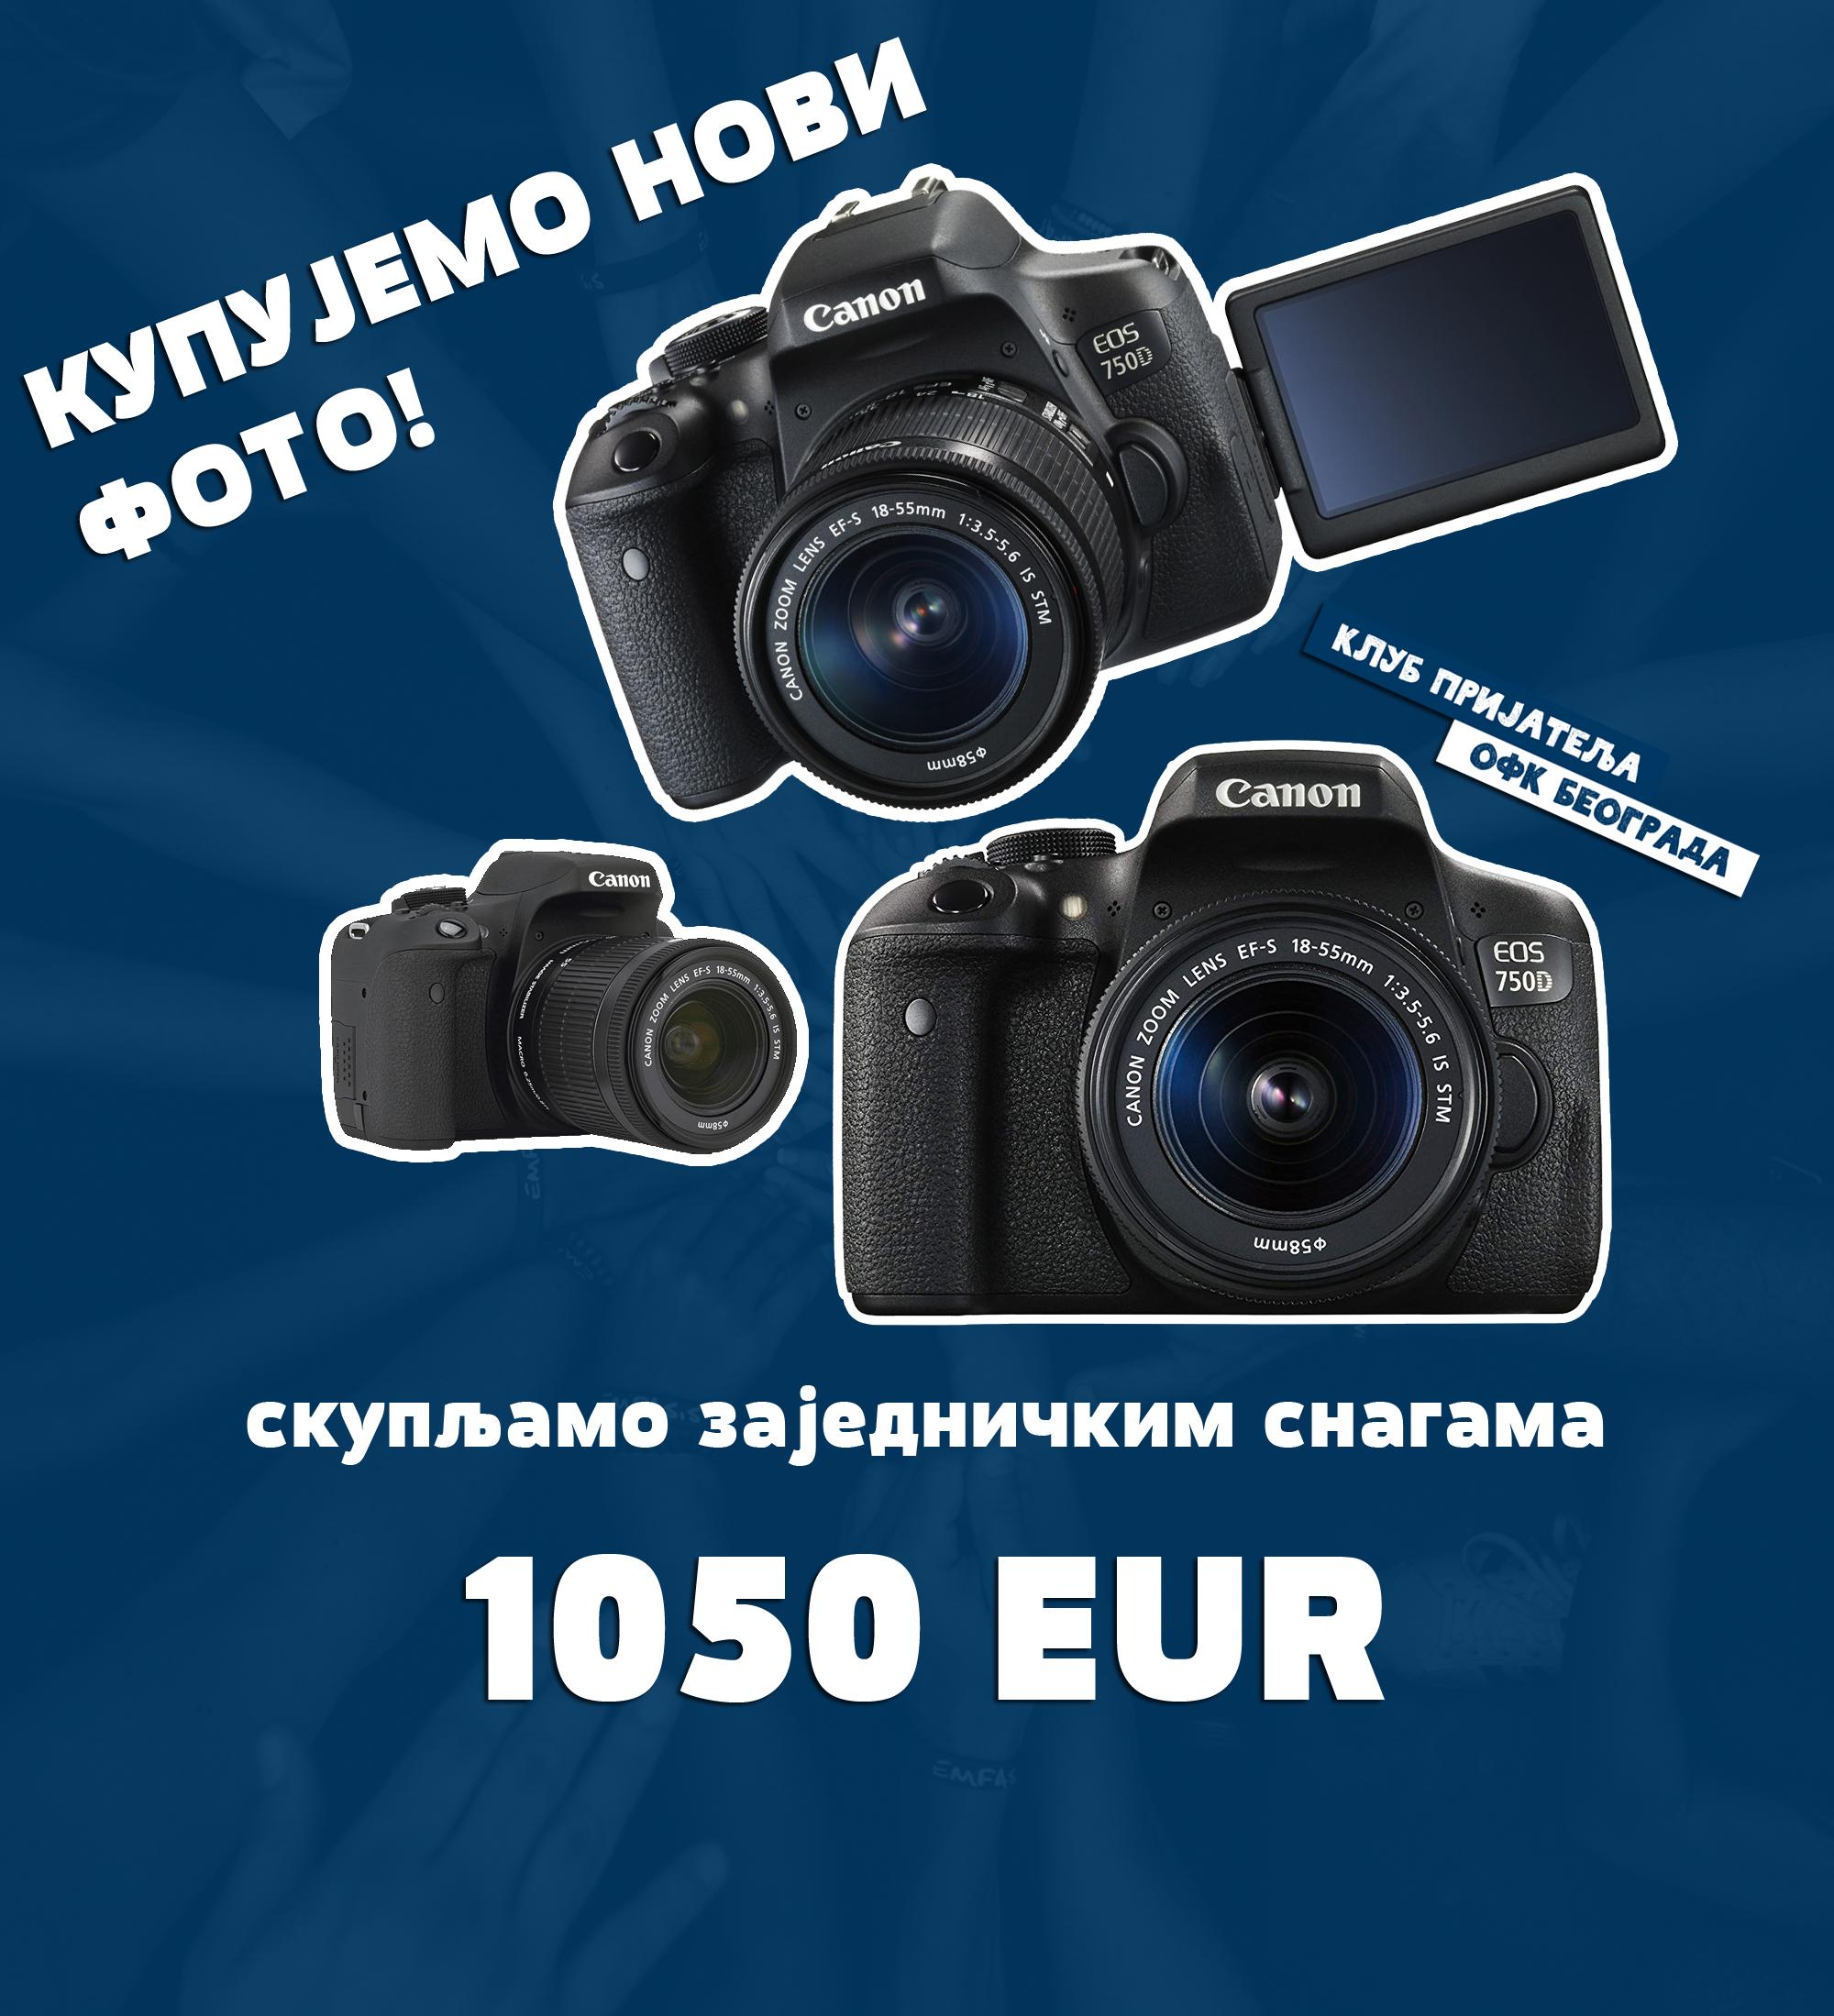 Започета донаторска акција за нови КПО фото апарат